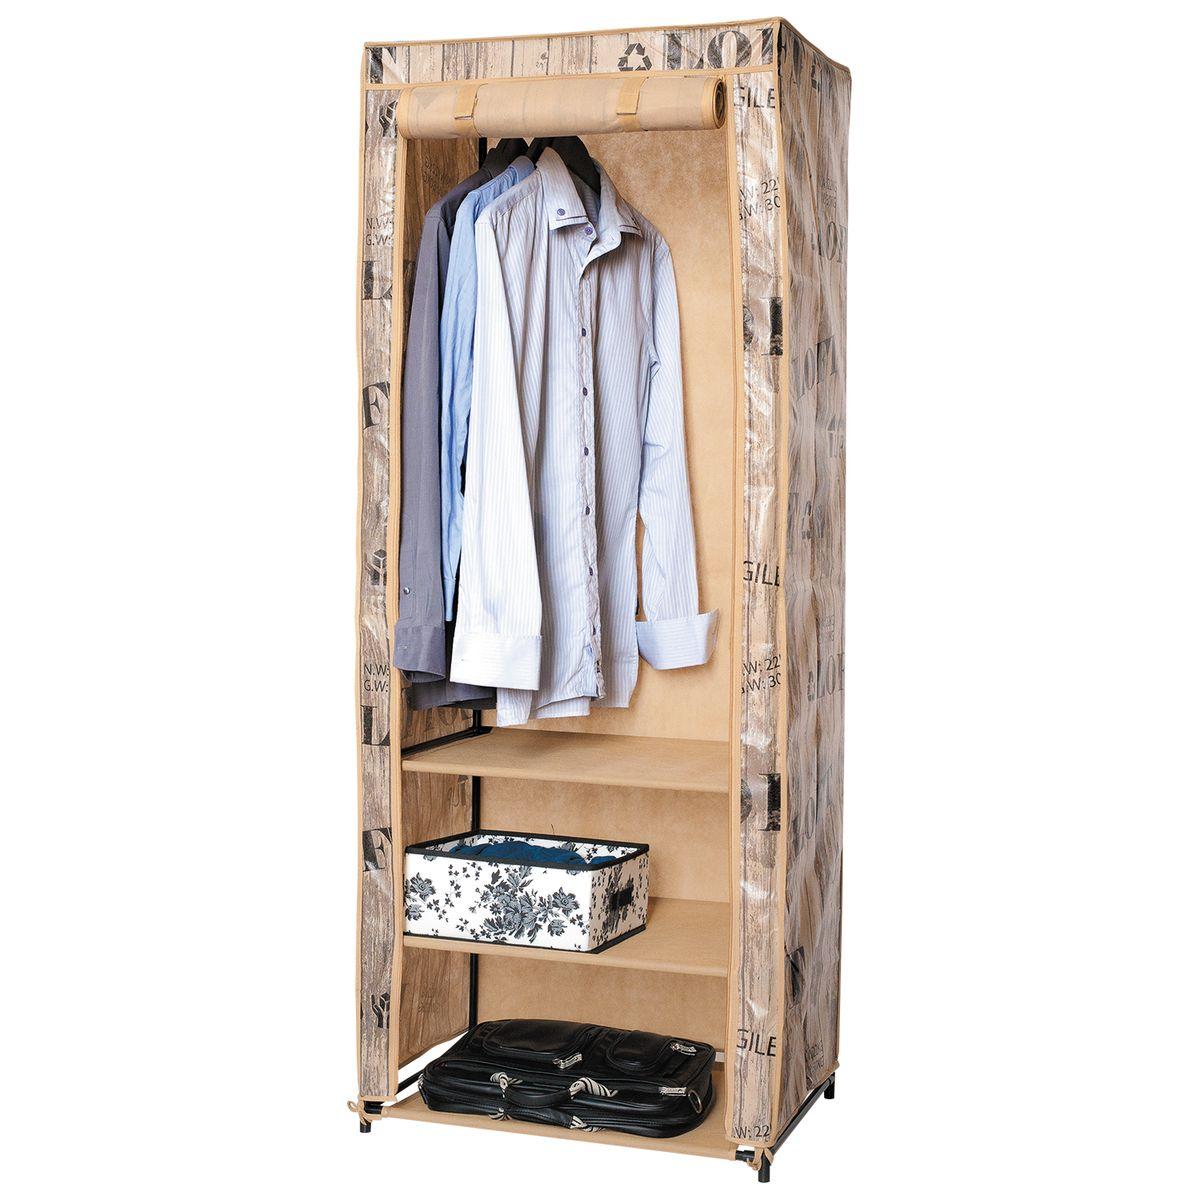 Шкаф для одежды Artmoon Loft, складной с чехлом, 61x45x155 см699553Складной шкаф из окрашенной стали и пластика, стильный прочный водонепроницаемый чехол.Особенности:- Складной шкаф, размеры 61х45х155.- Модный дизайн LOFT, чехол на молнии защитит одежду от пыли и влаги, дверца сворачивается рулоном и фиксируется липучкой для легкого доступа.- 3 полки и штанга для вешалок-плечиков – оптимальная конфигурация для хранения одежды.- Сталь, АБС-пластик, полиэстр с пропиткой (OXFORD) – долговечные легкие и прочные материалы- Компактная упаковка, быстрая сборка без инструментов, инструкция на упаковке.